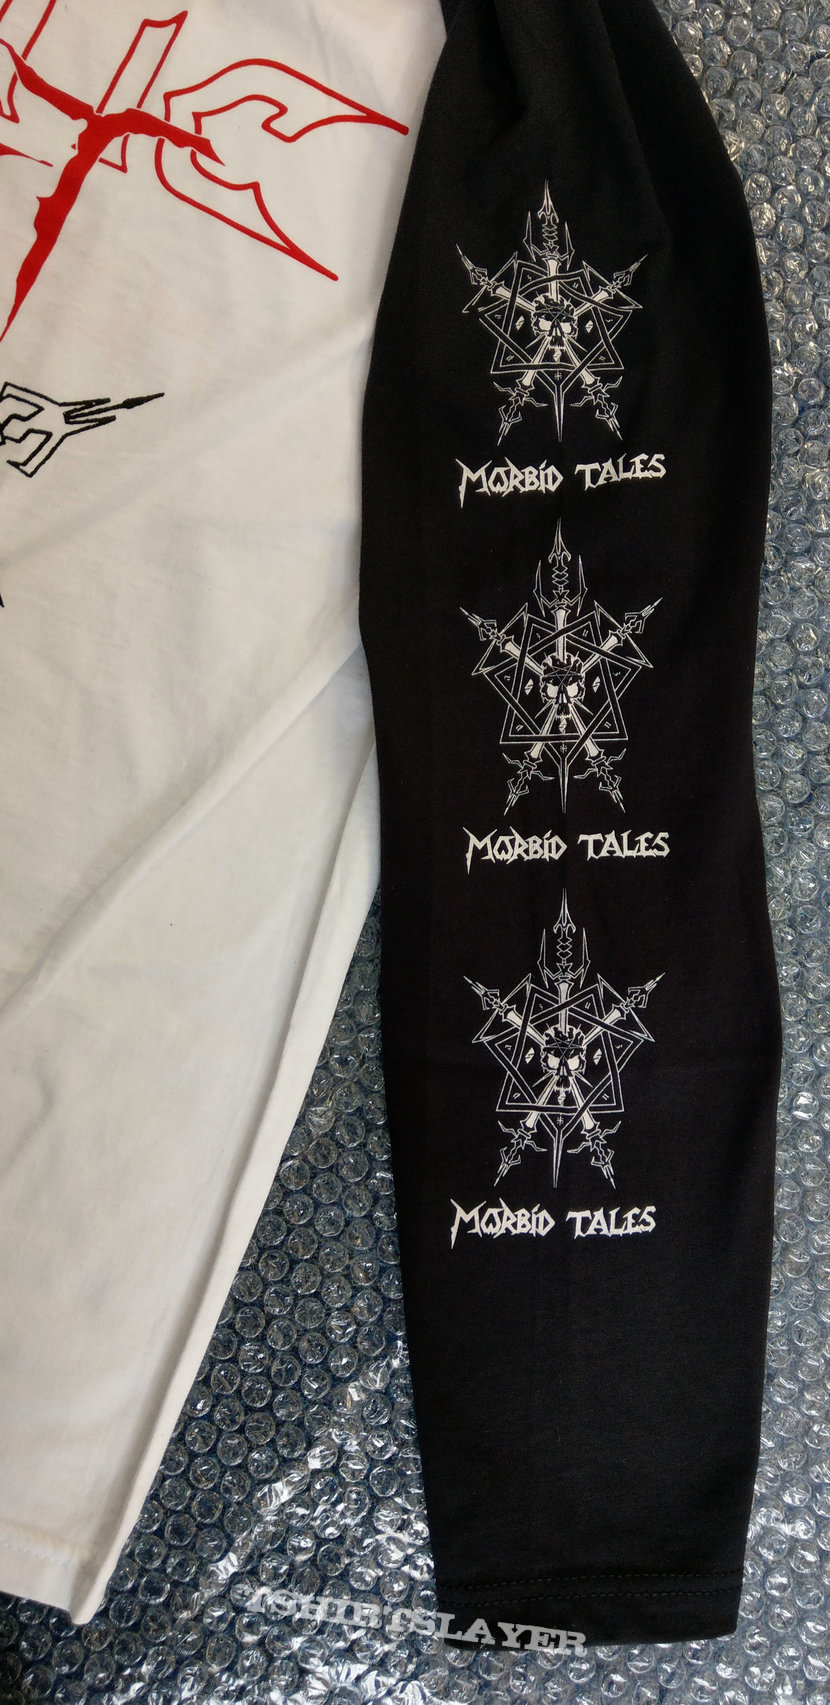 CELTIC FROST - Morbid Tales (White Ringer Long Sleeve)